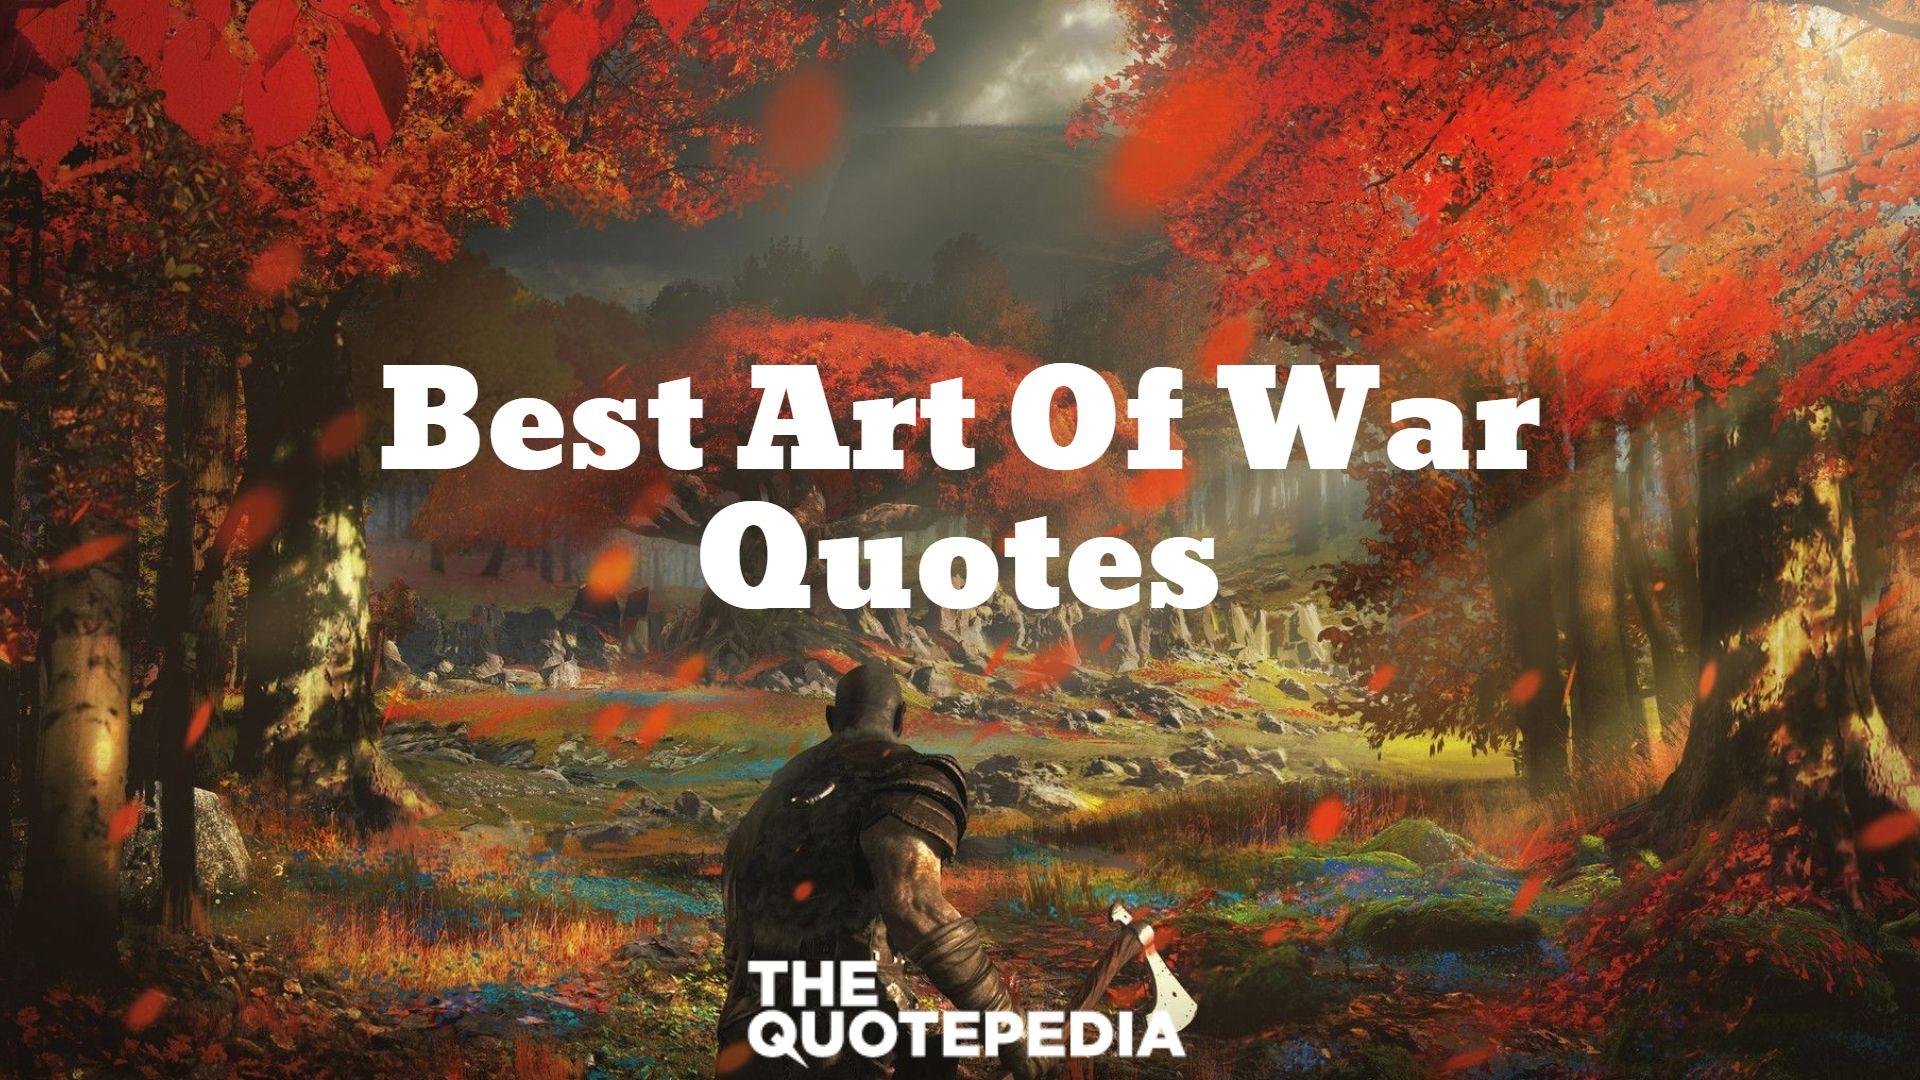 Best Art Of War Quotes